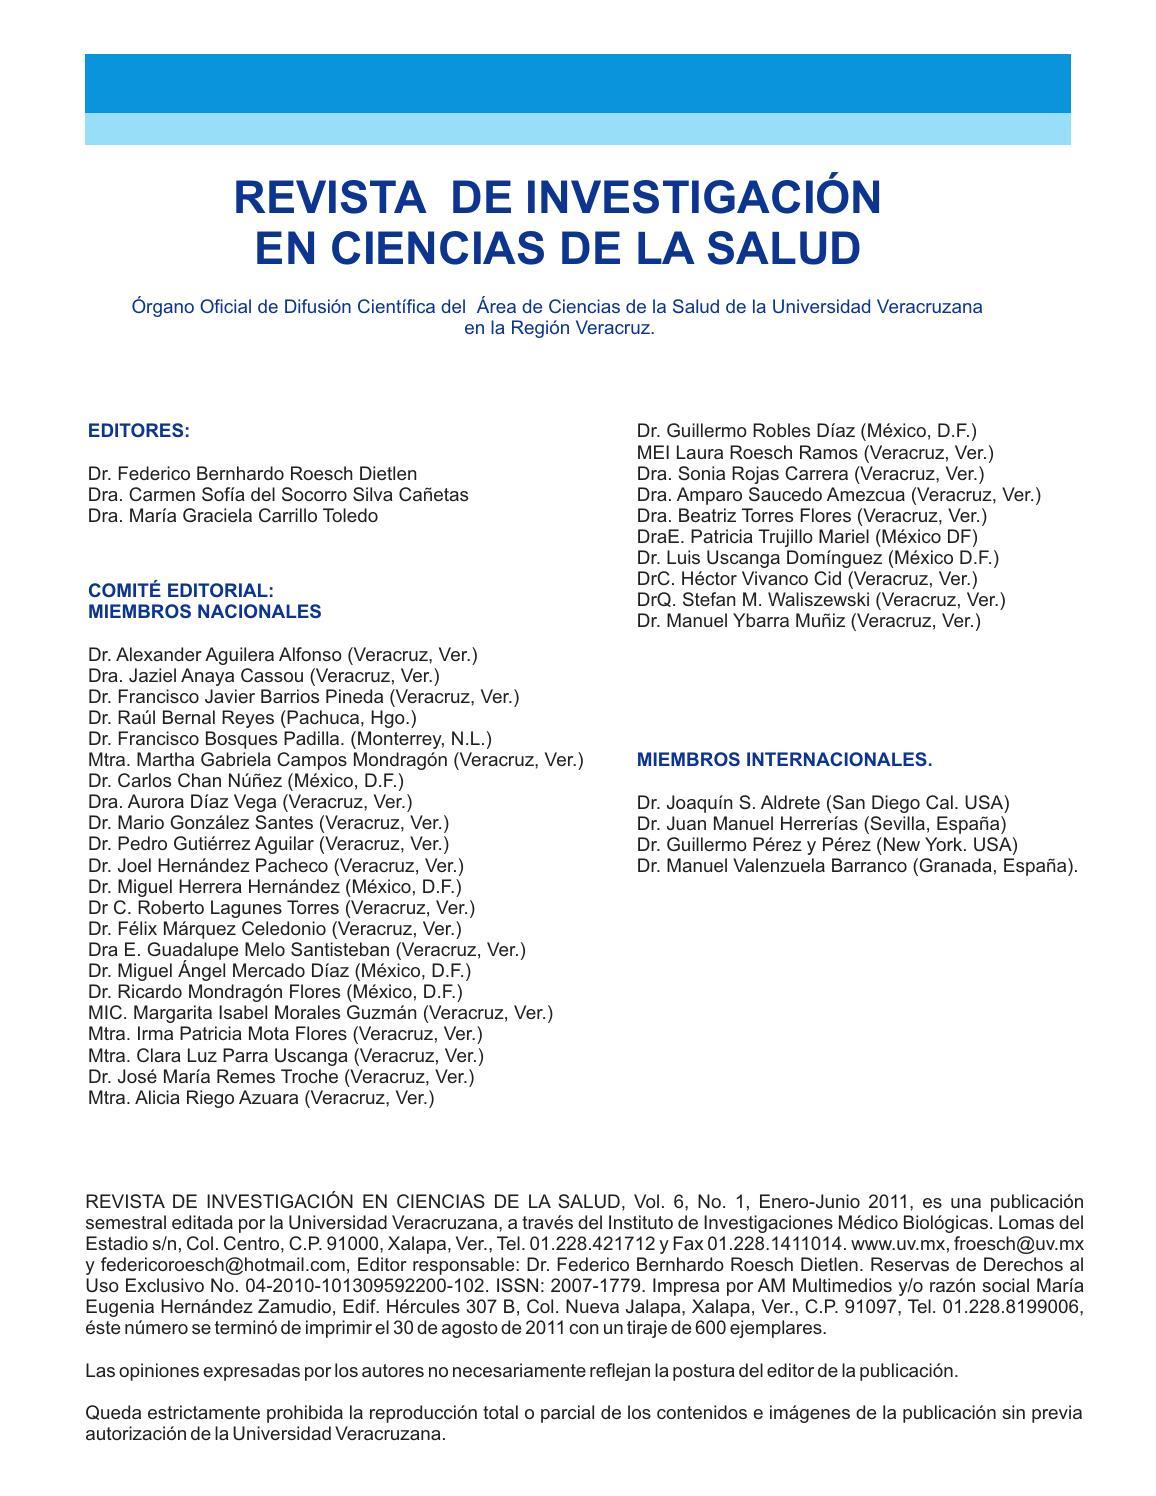 Vol 6 no 1 julio diciembre 2011 by Revista de Investigación en ...